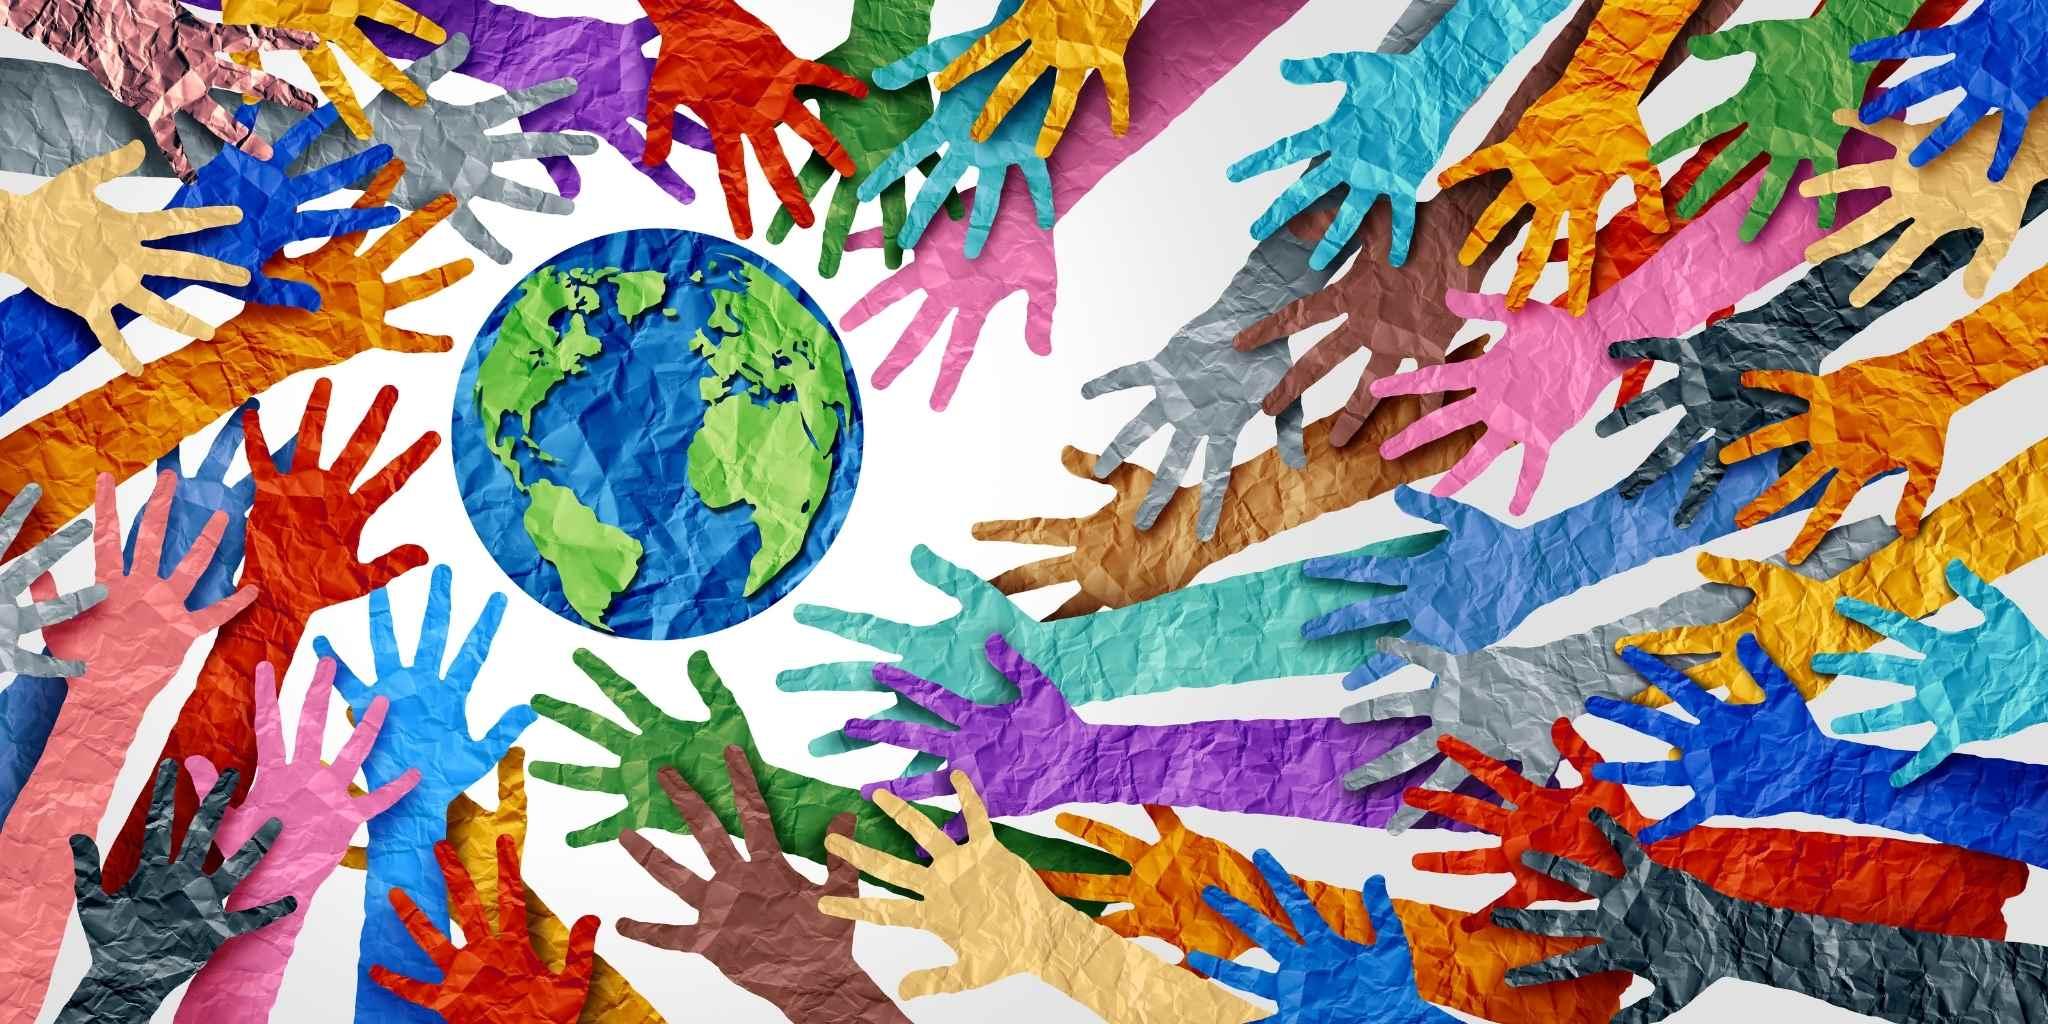 Ensinando as crianças sobre cultura e diversidade | Dicas